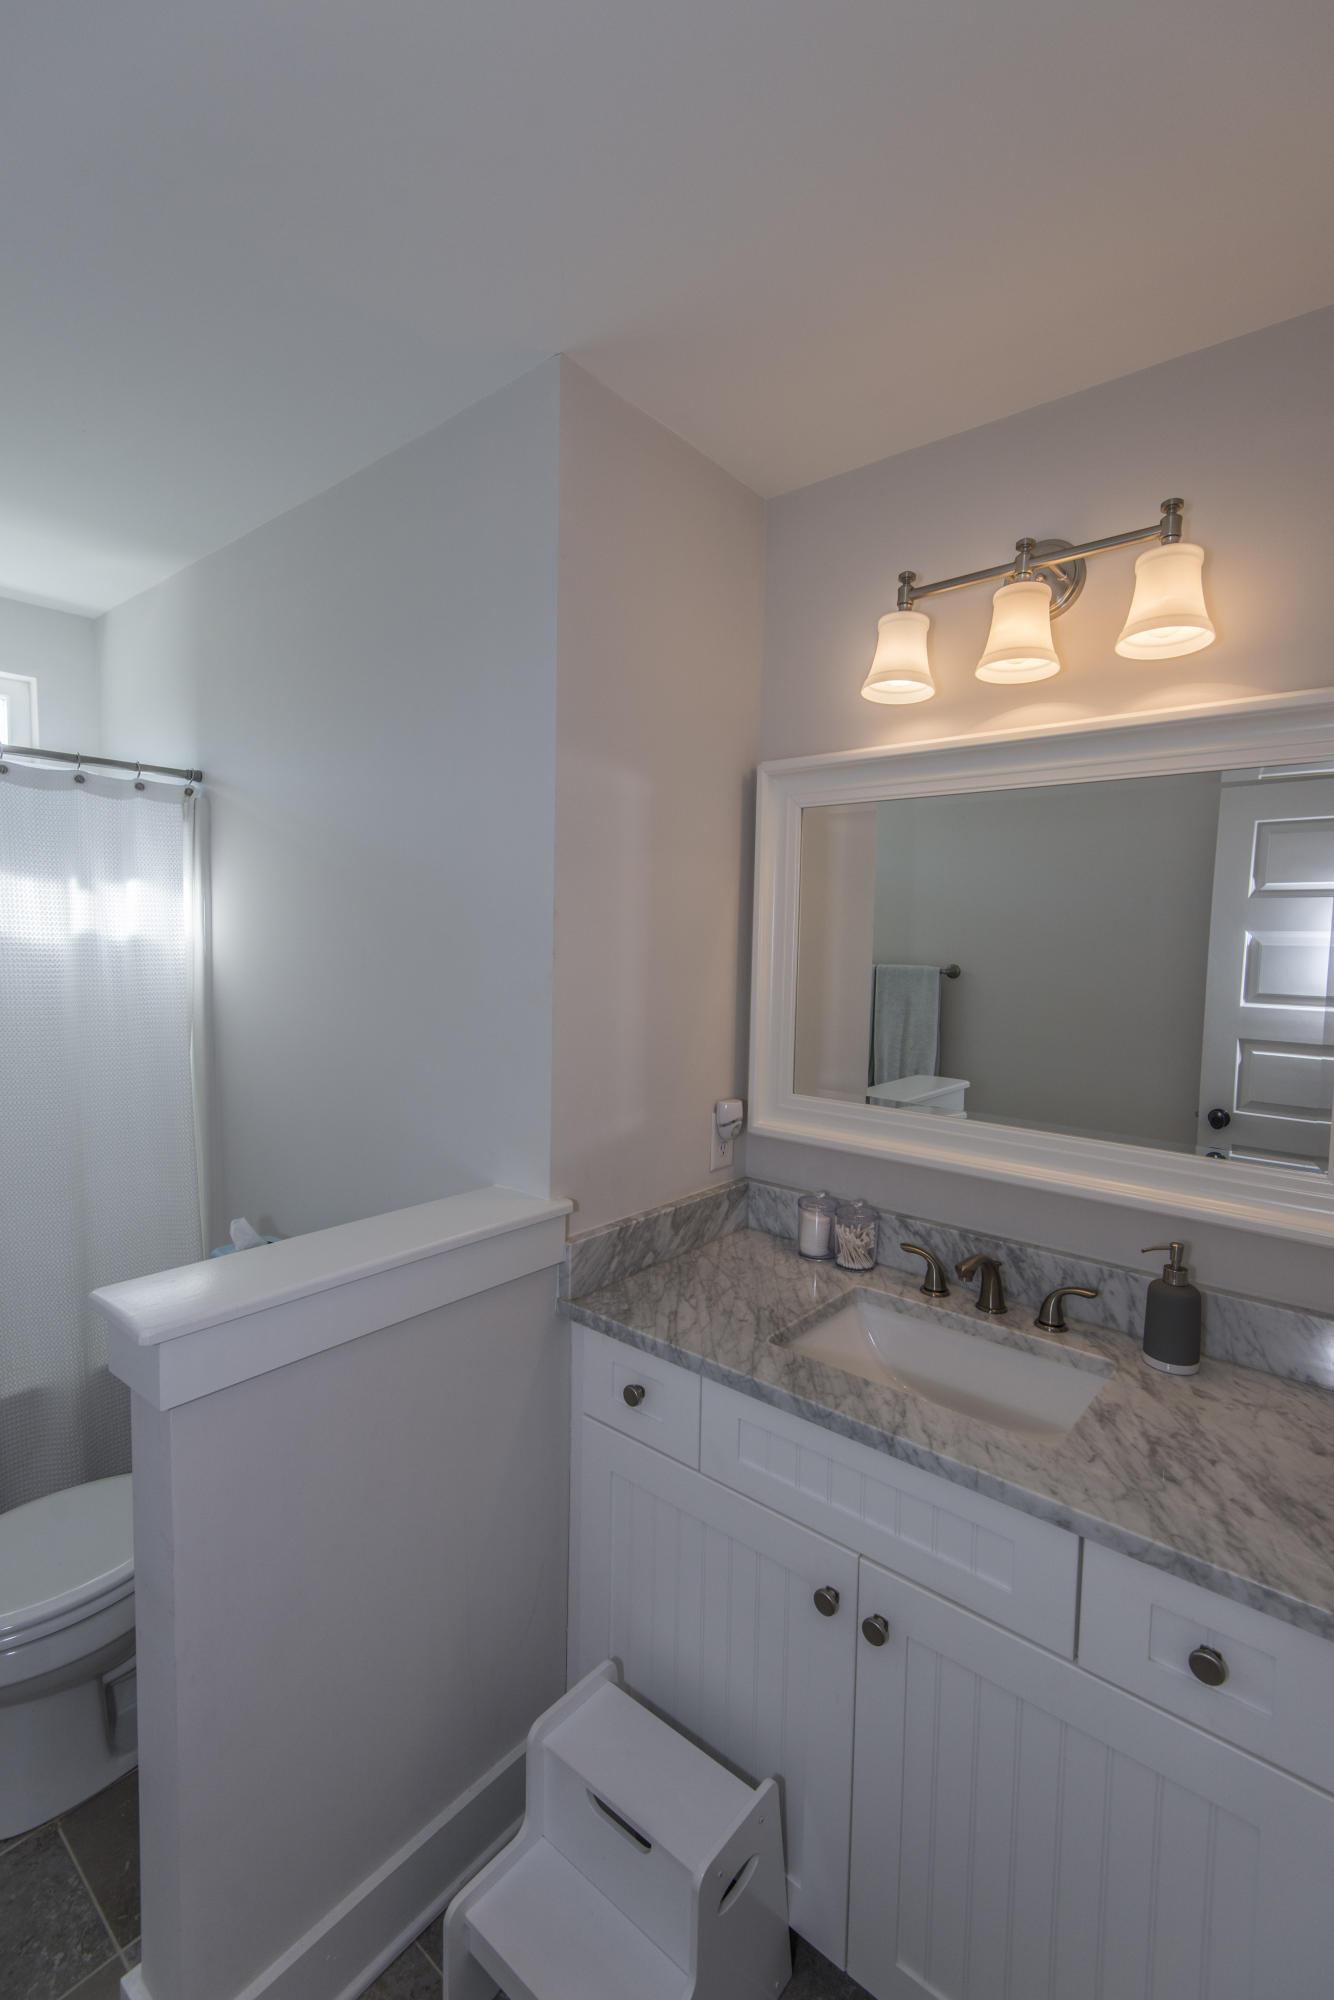 Moultrie Park Homes For Sale - 470 Bramson, Mount Pleasant, SC - 34